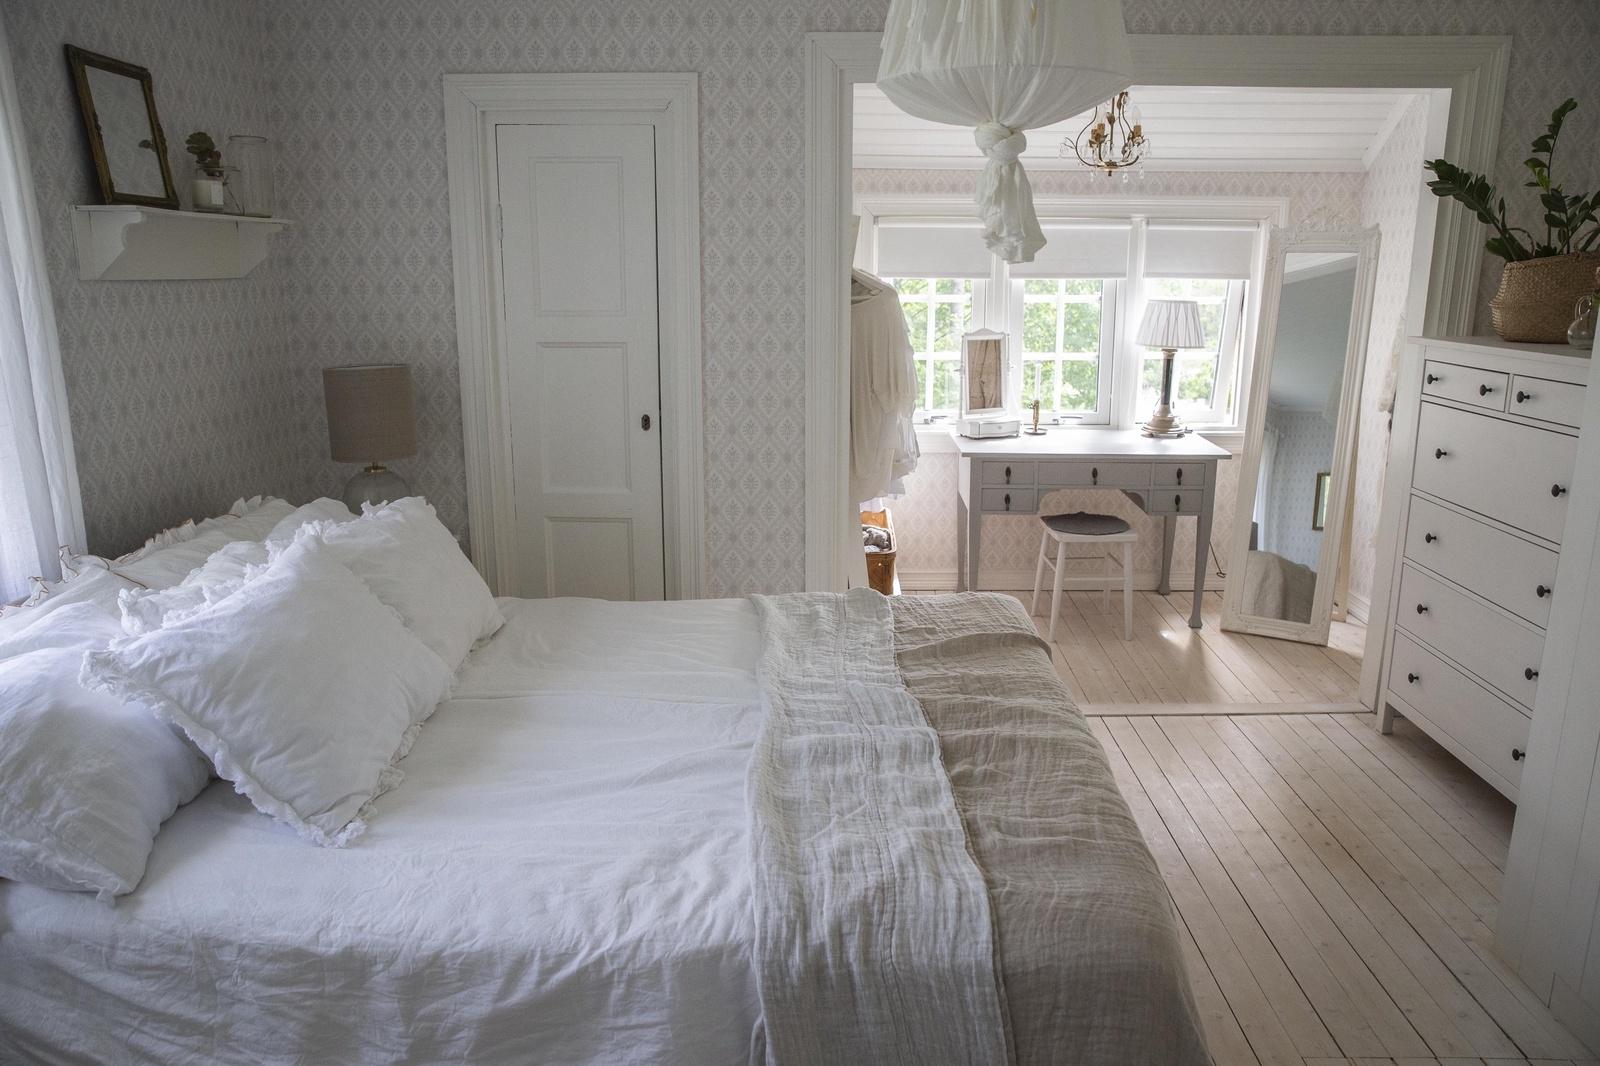 Parets sovrum var ett gammalt kök som var genomfart till allla rum på ovanvåningen. Nu har de slagit igen dörrar och ändrat om hela planlösningen.